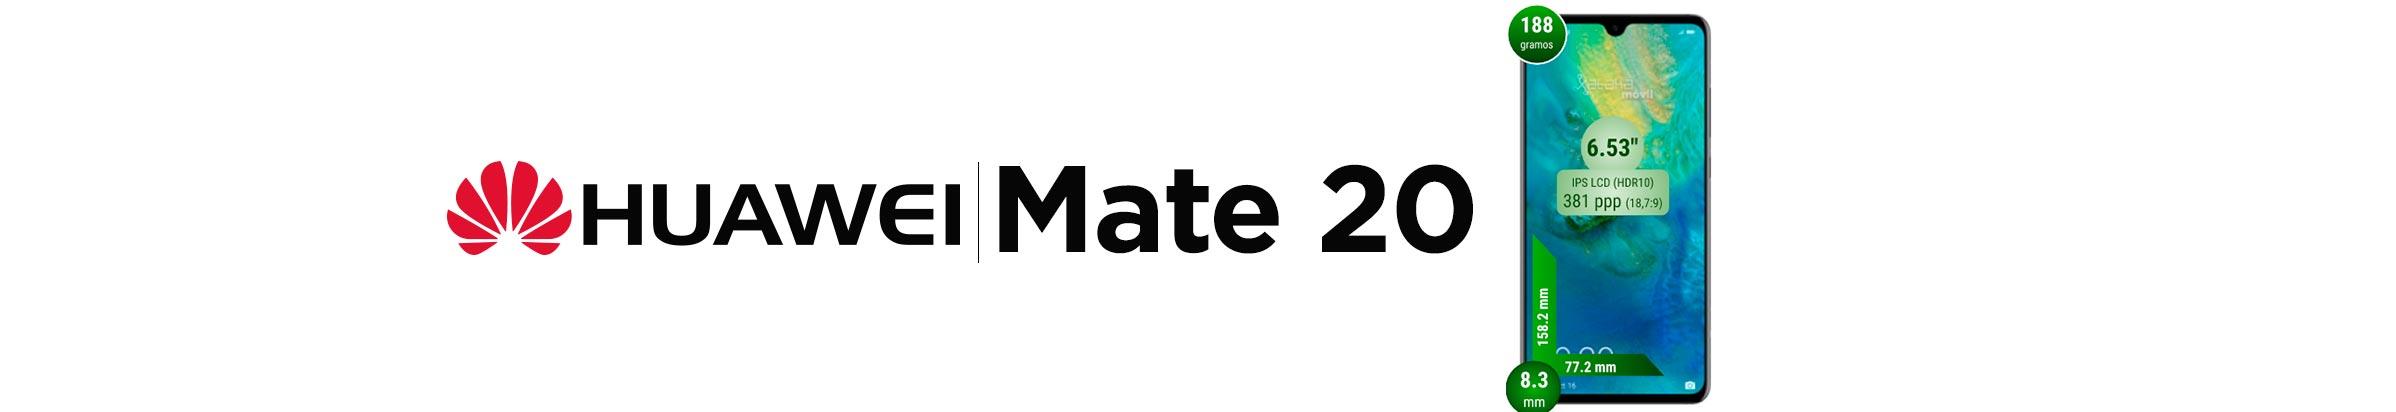 Blog-Img-Huawei-Mate20